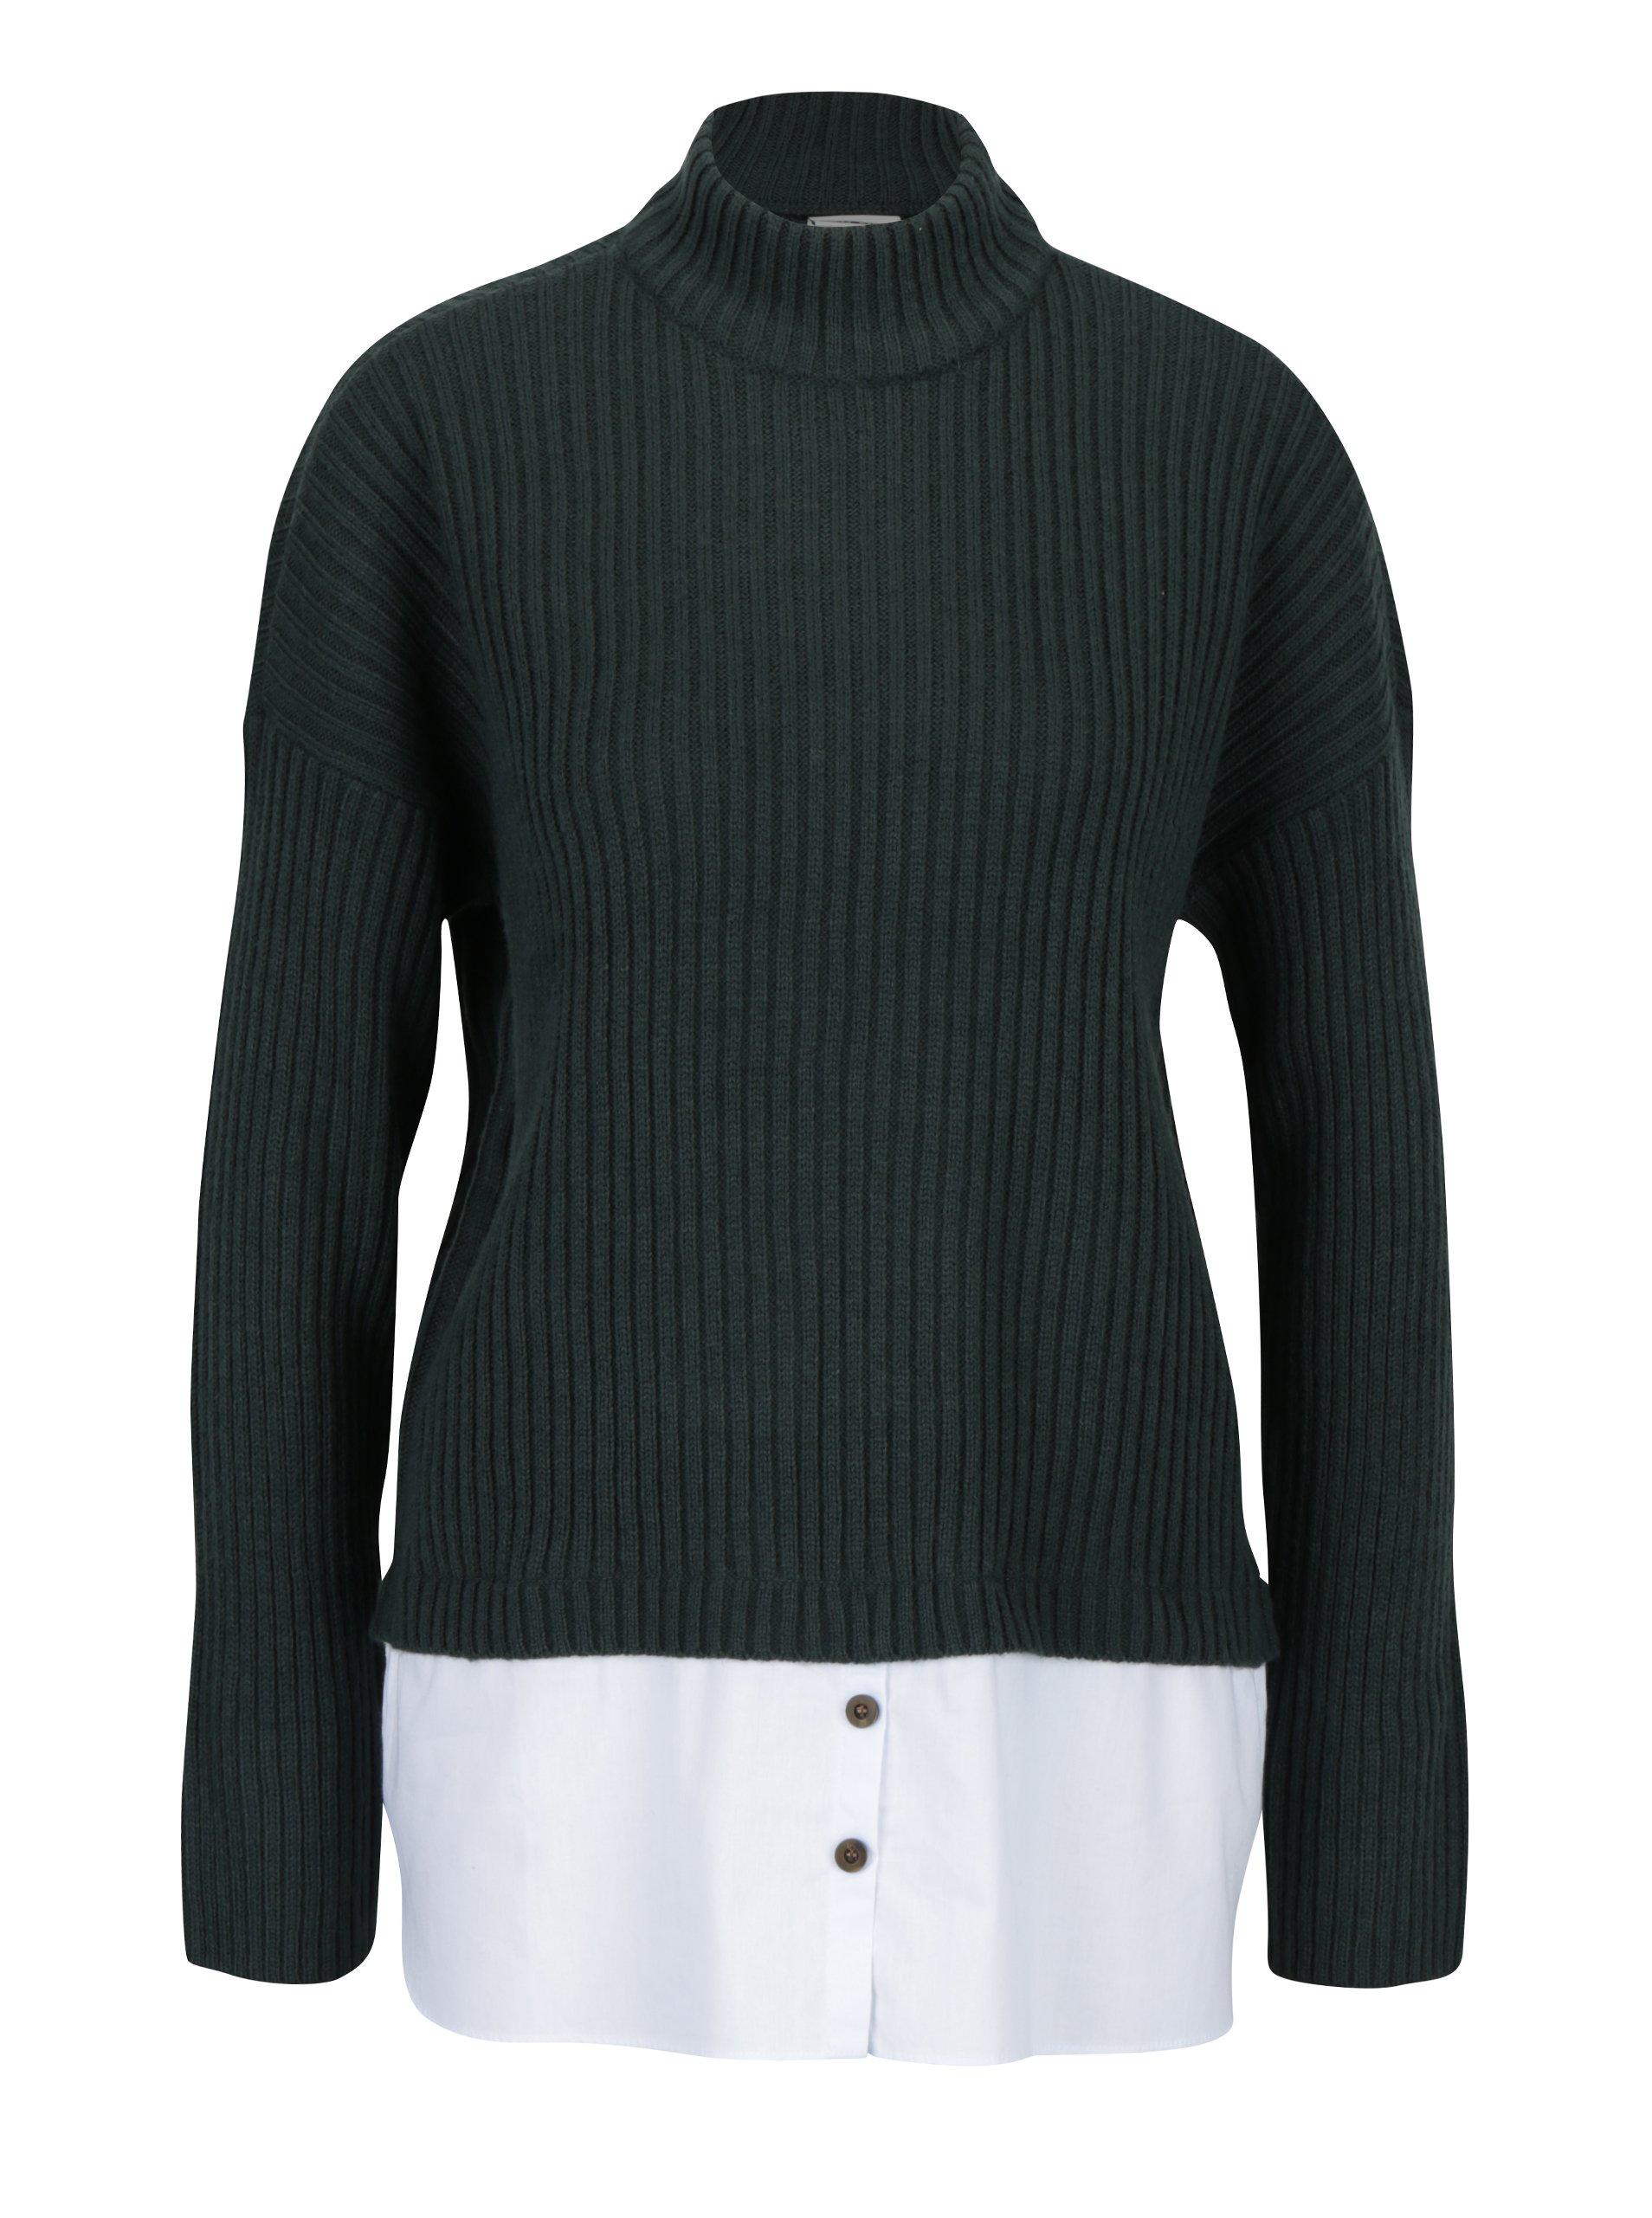 Tmavě zelený svetr s příměsí vlny a všitým košilovým dílem Noisy May Nami d8043b9fe6